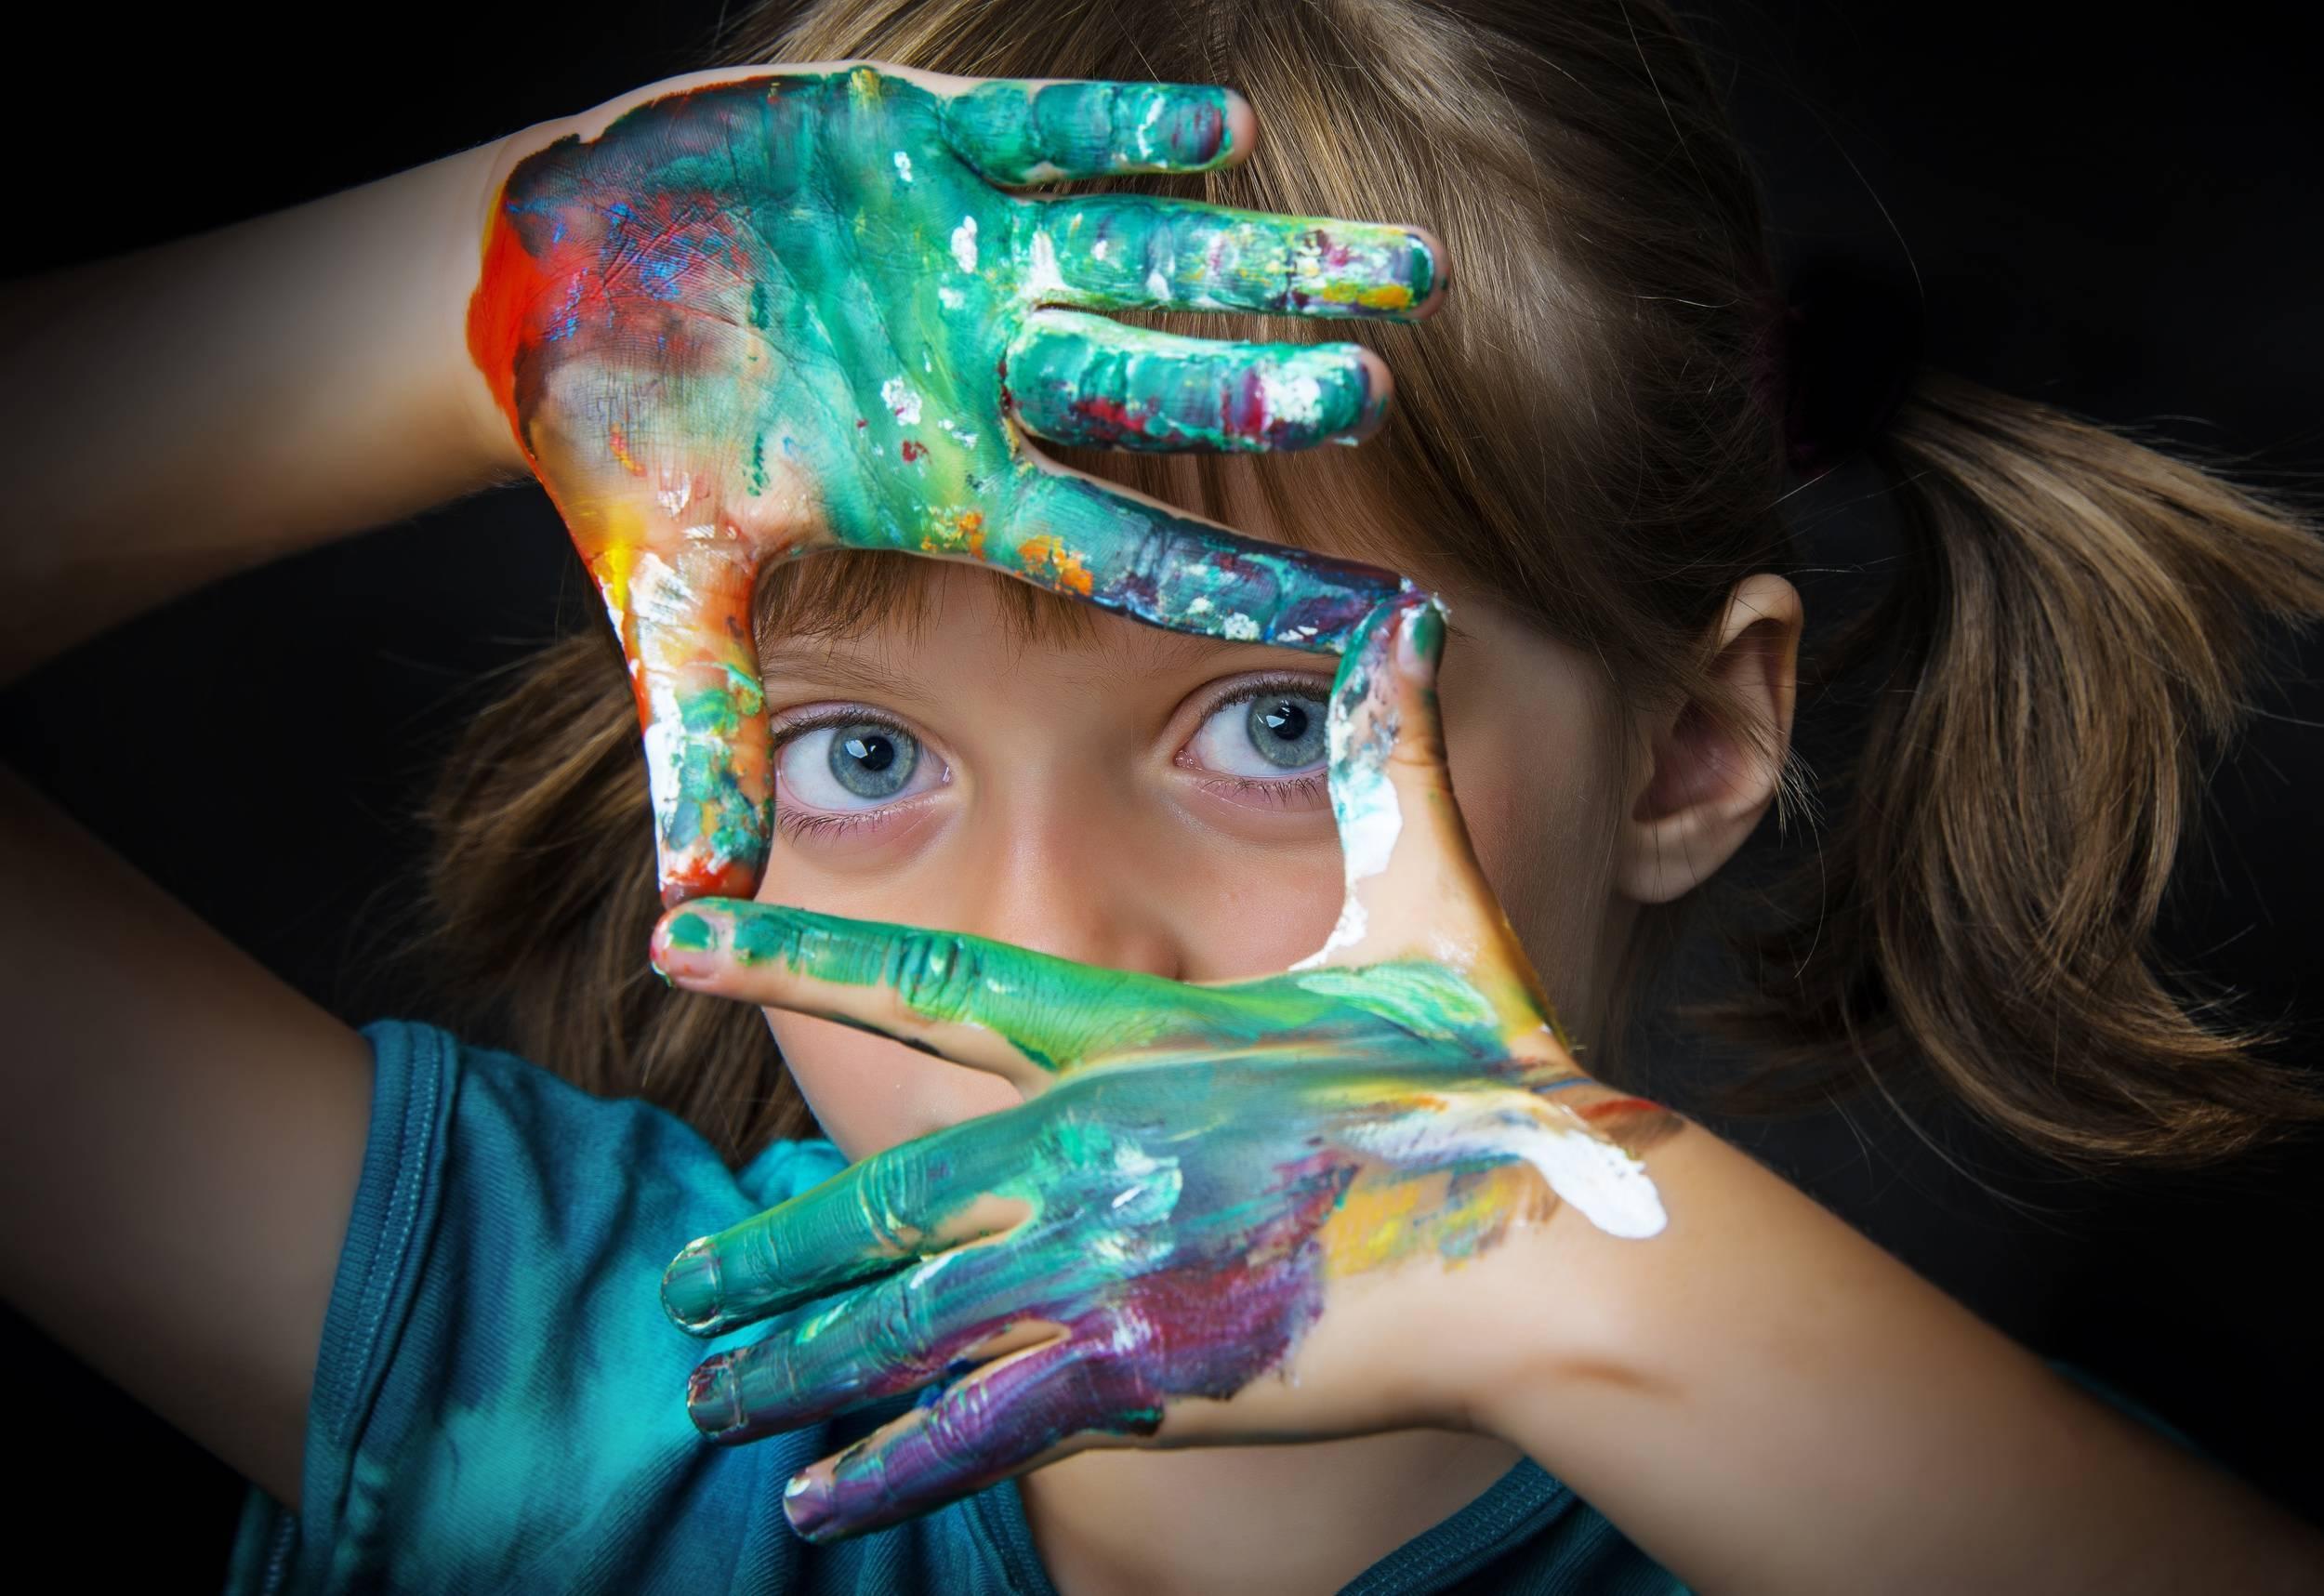 Ребёнок рисует чёрным цветом.                                консультация по теме